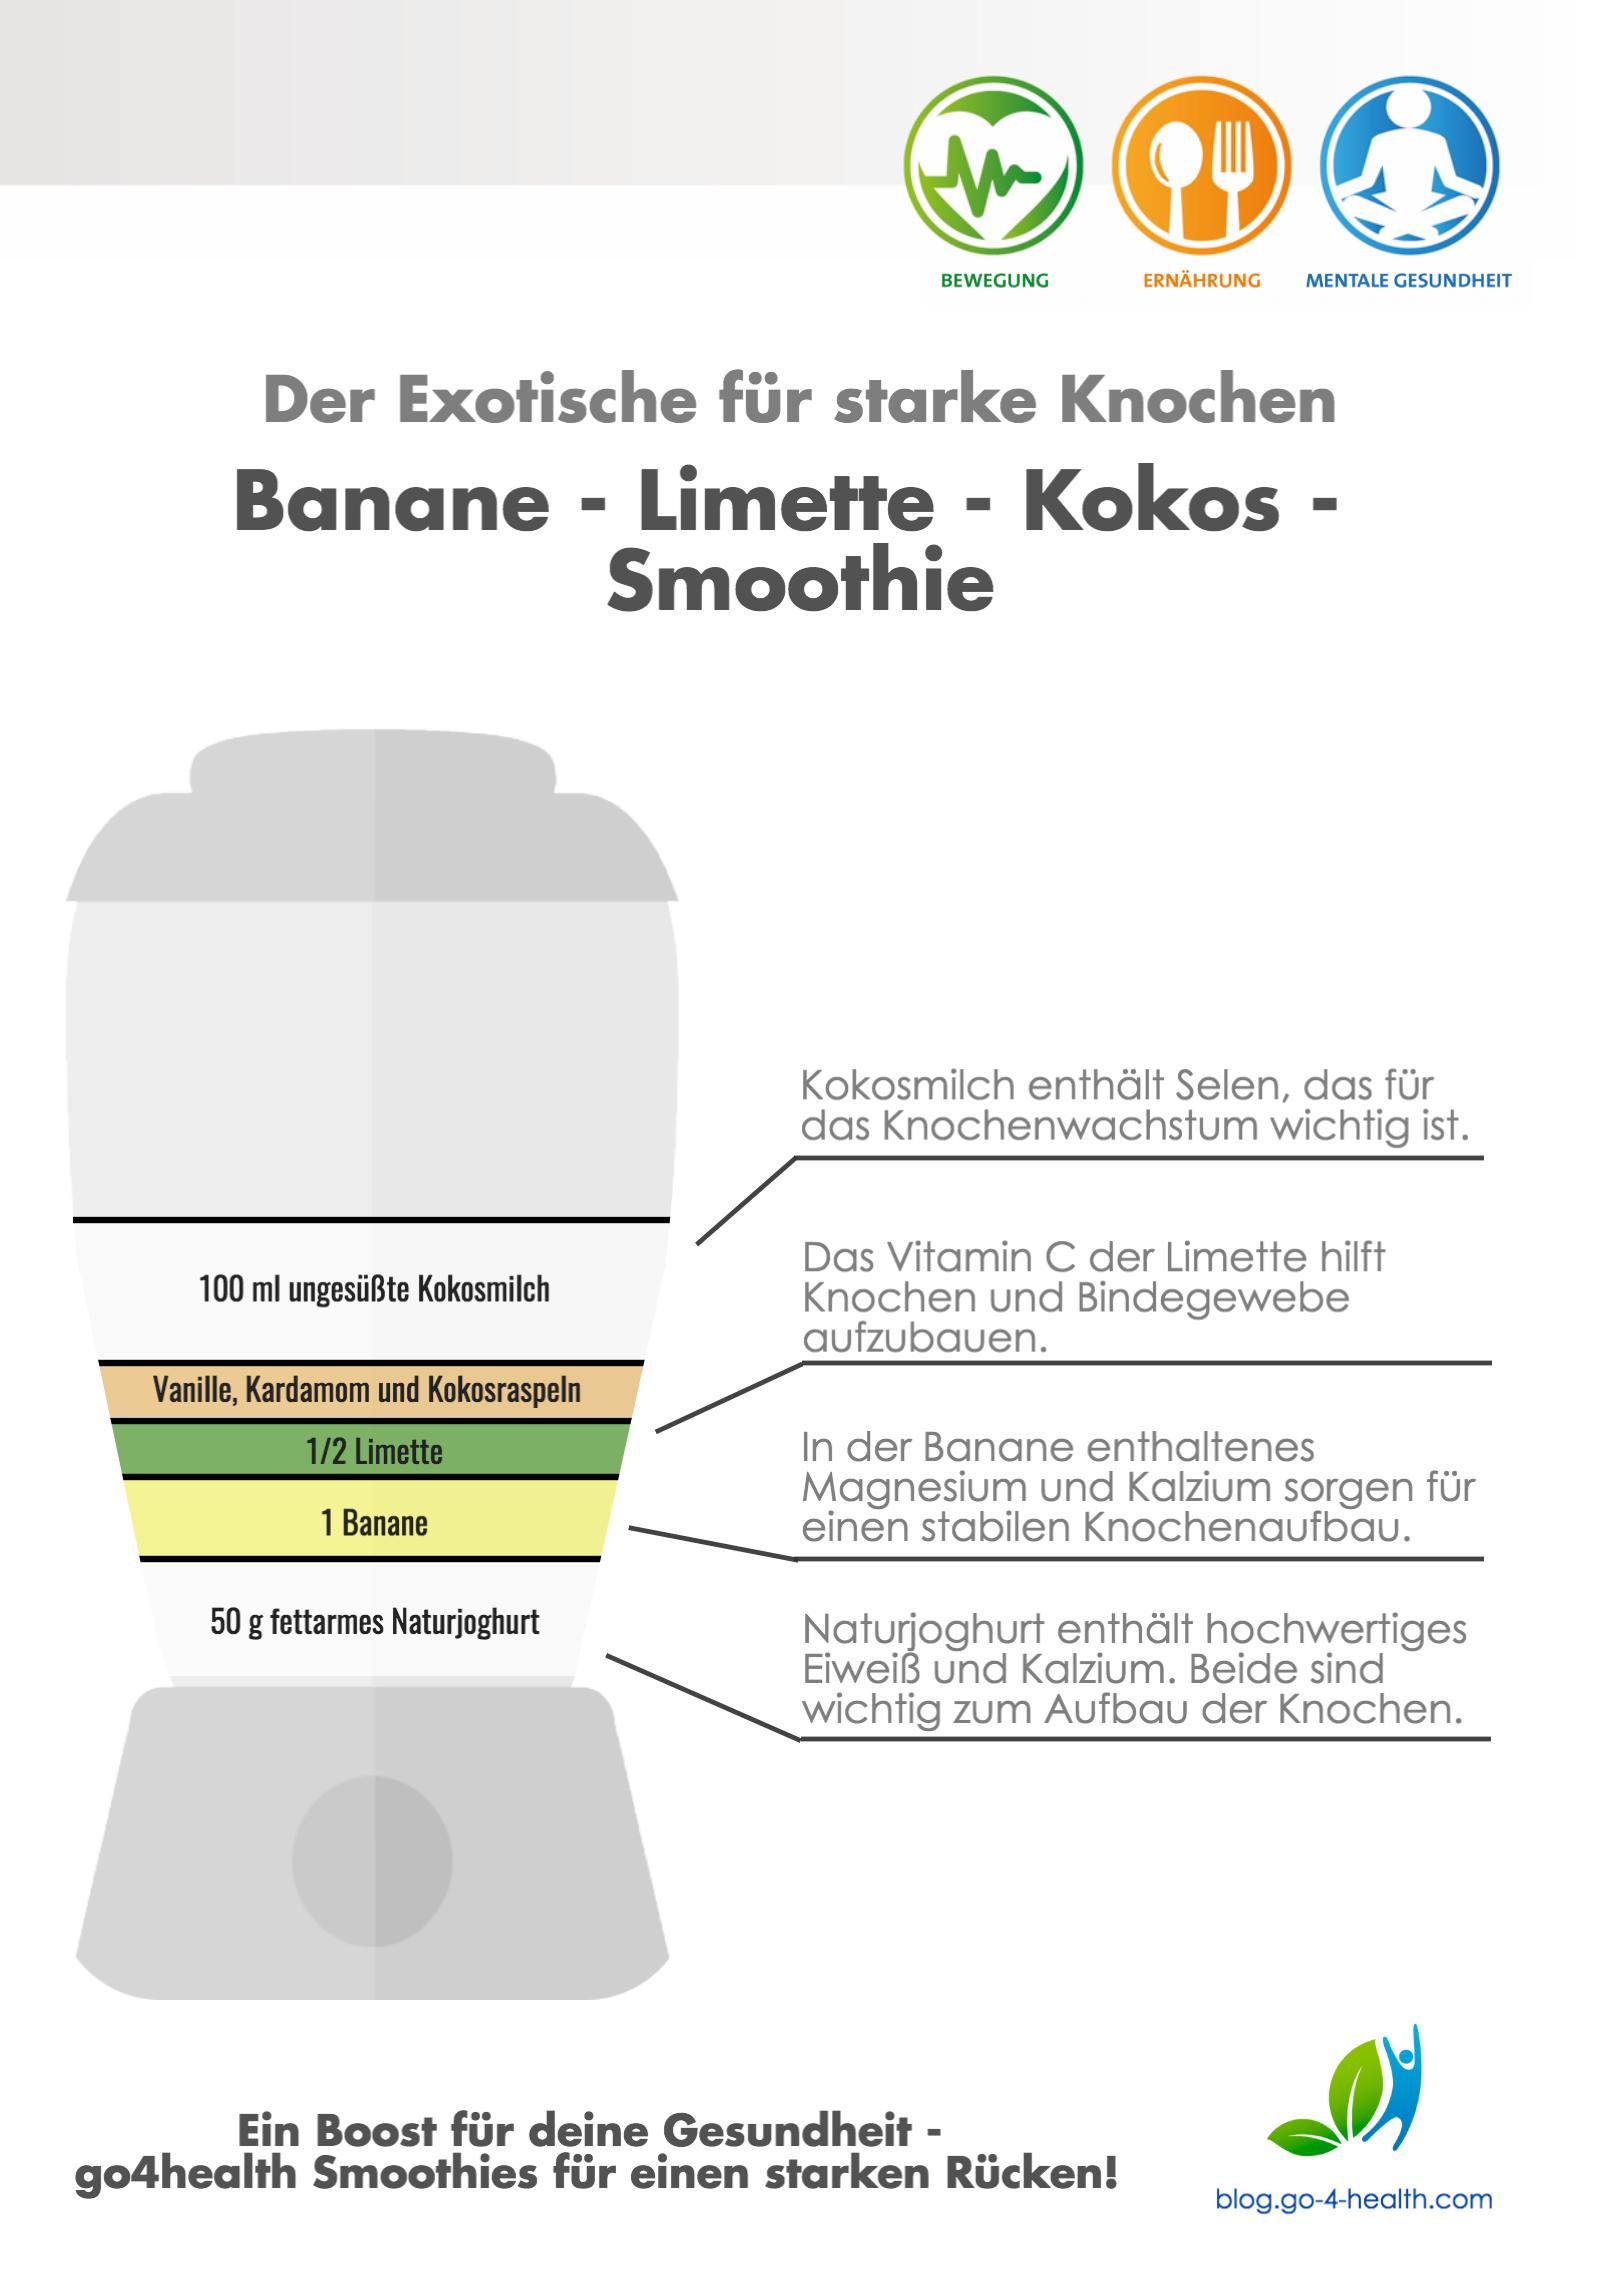 Rezept: Der go4health Smoothie mit Banane, Limette und Kokos ist gesund für deinen Rücken